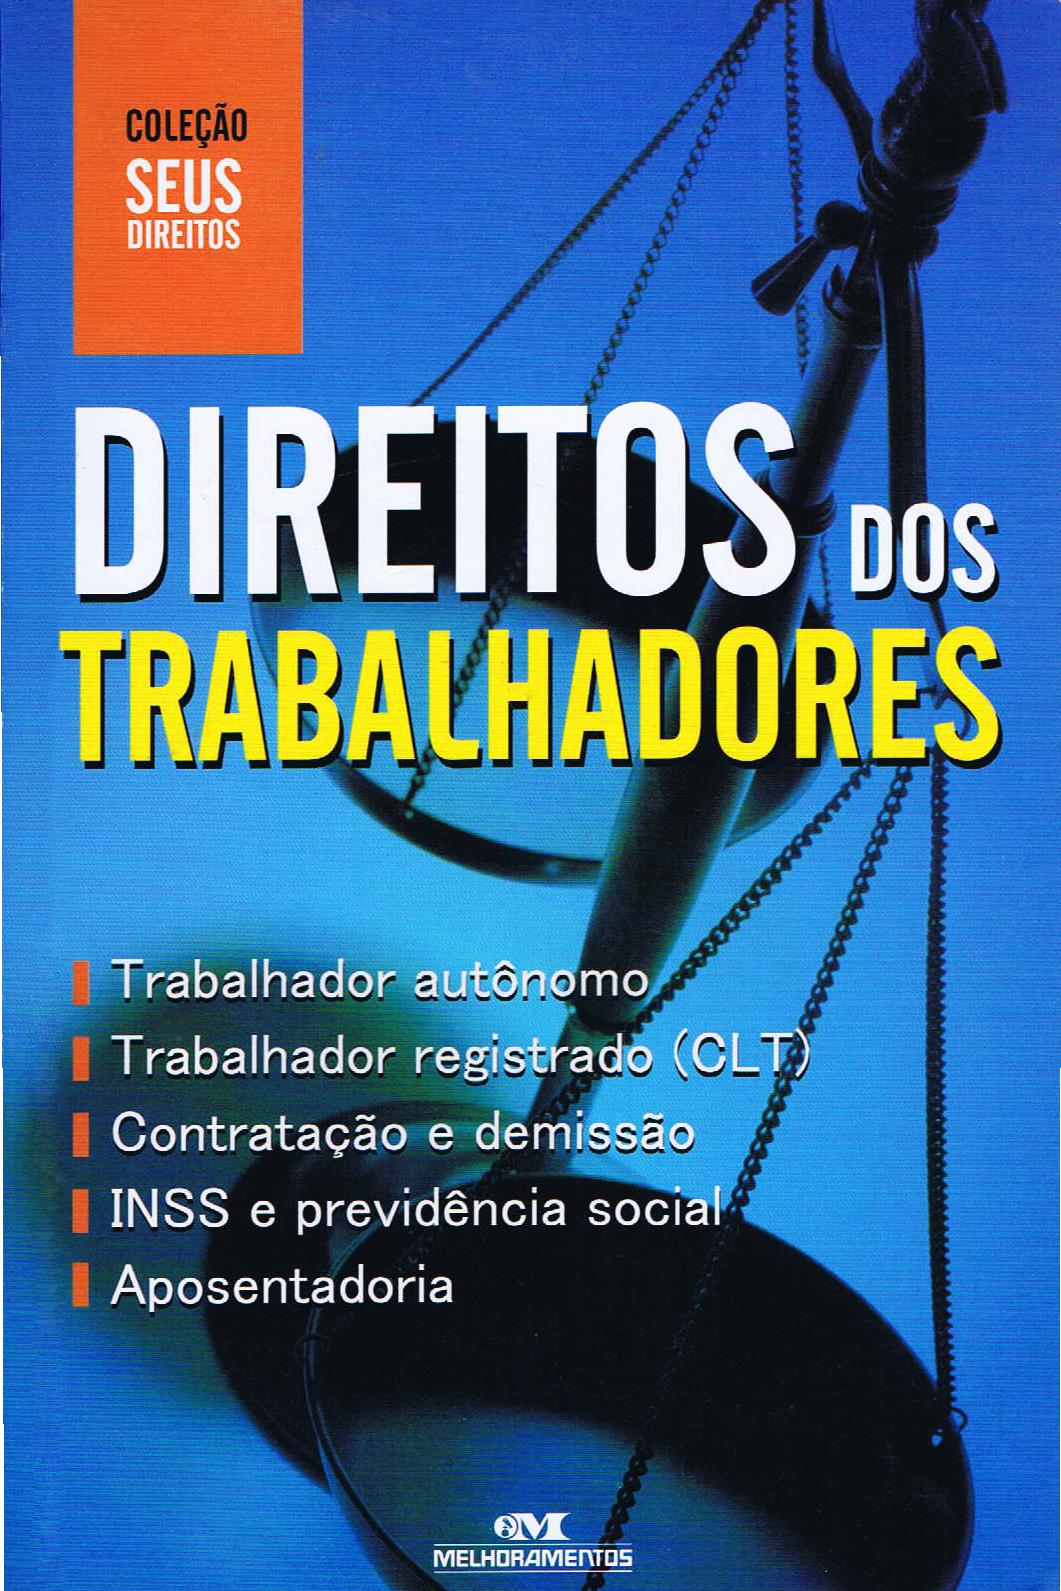 DireitosTrabalhadores_Capa